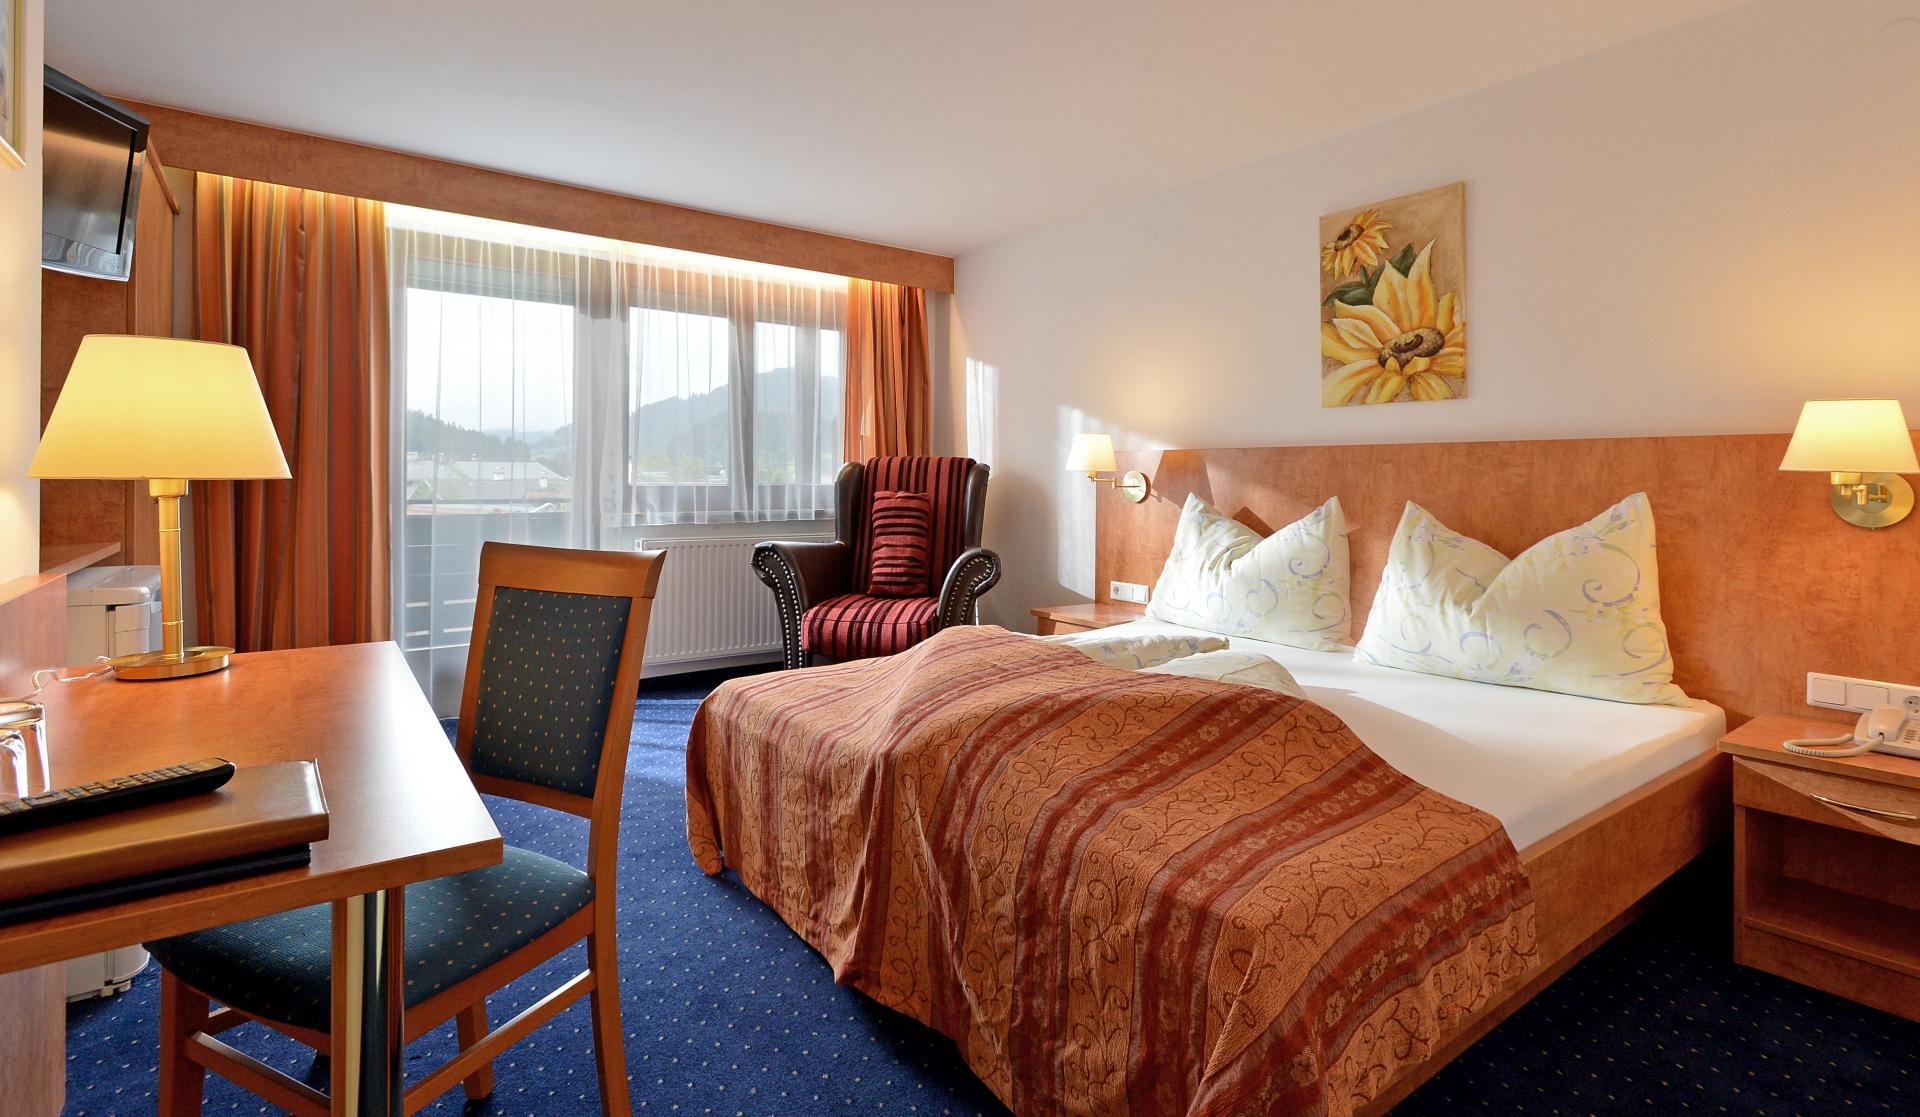 Tennenwirt Guesthouse #Willkommen#Hotel#Wohneinheiten#Bildergalerie